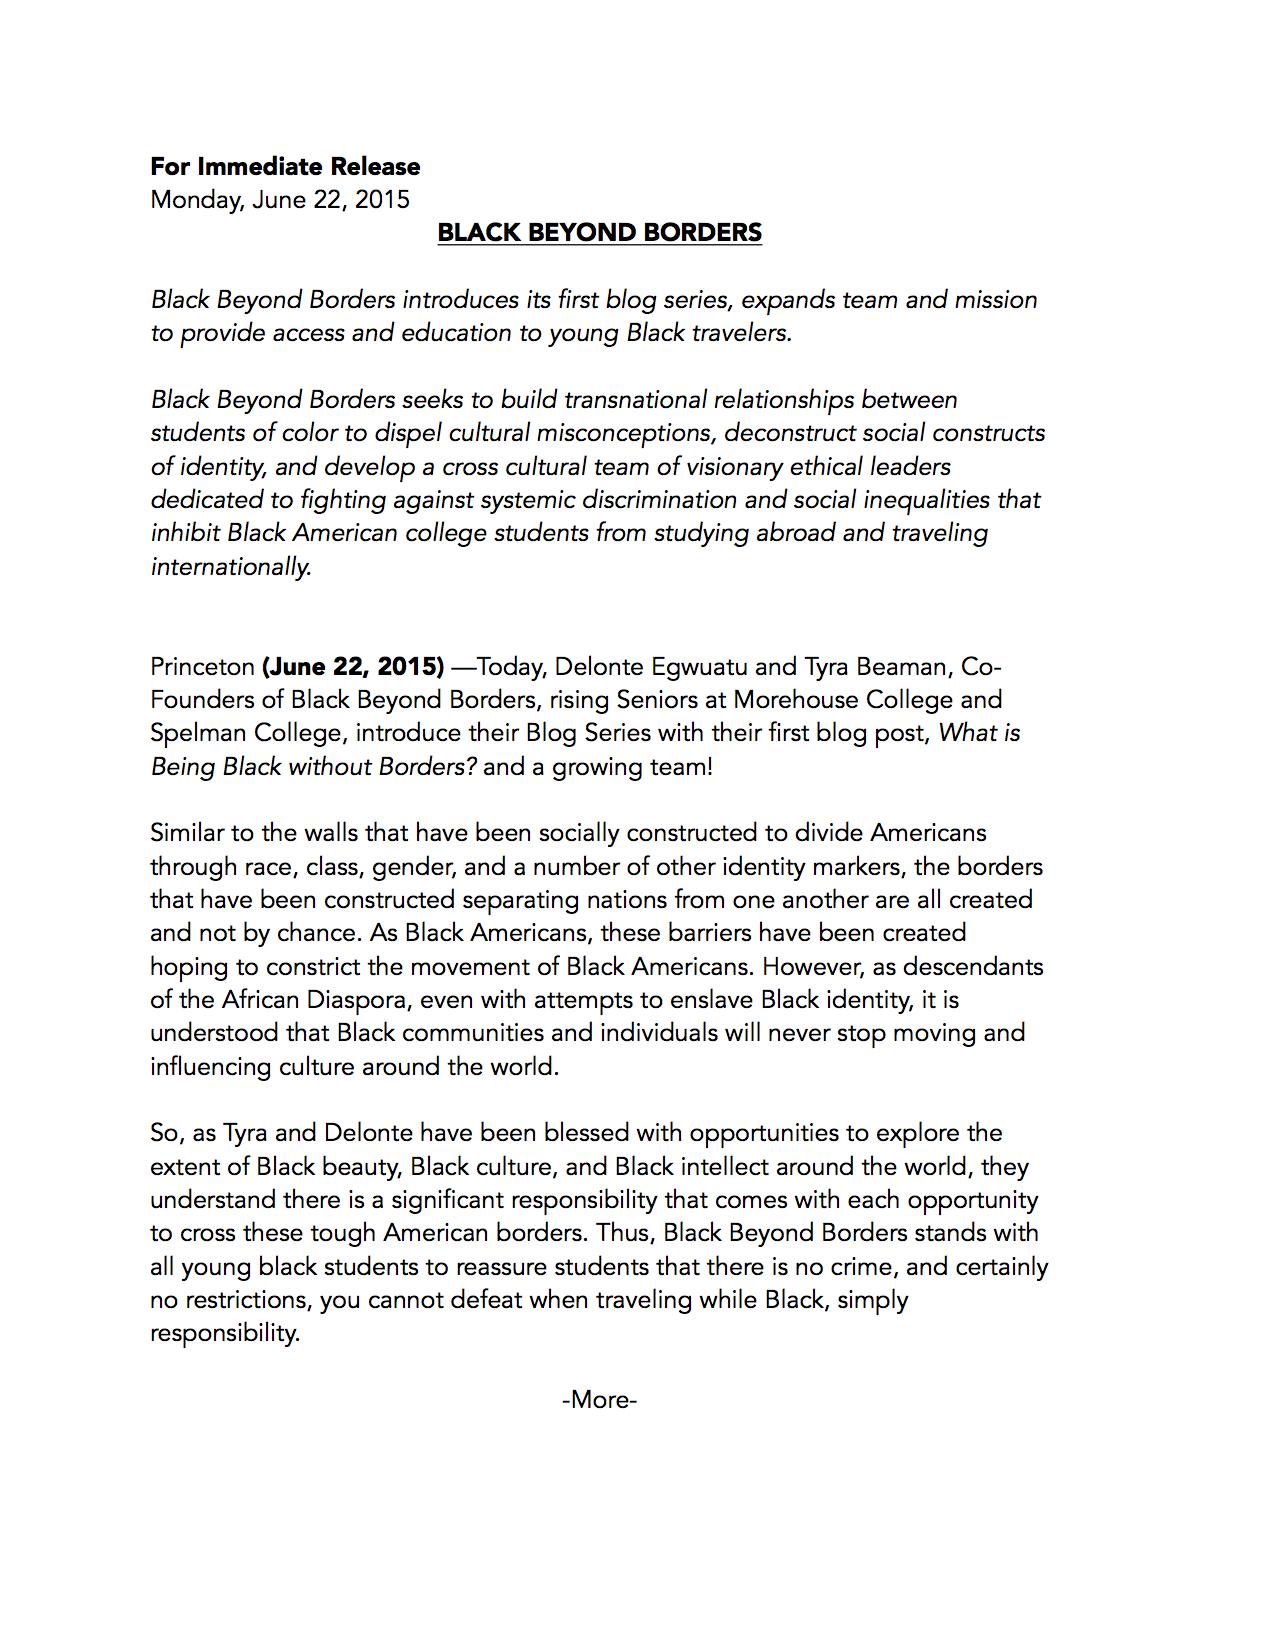 BBB - Blogs Press Release .jpg